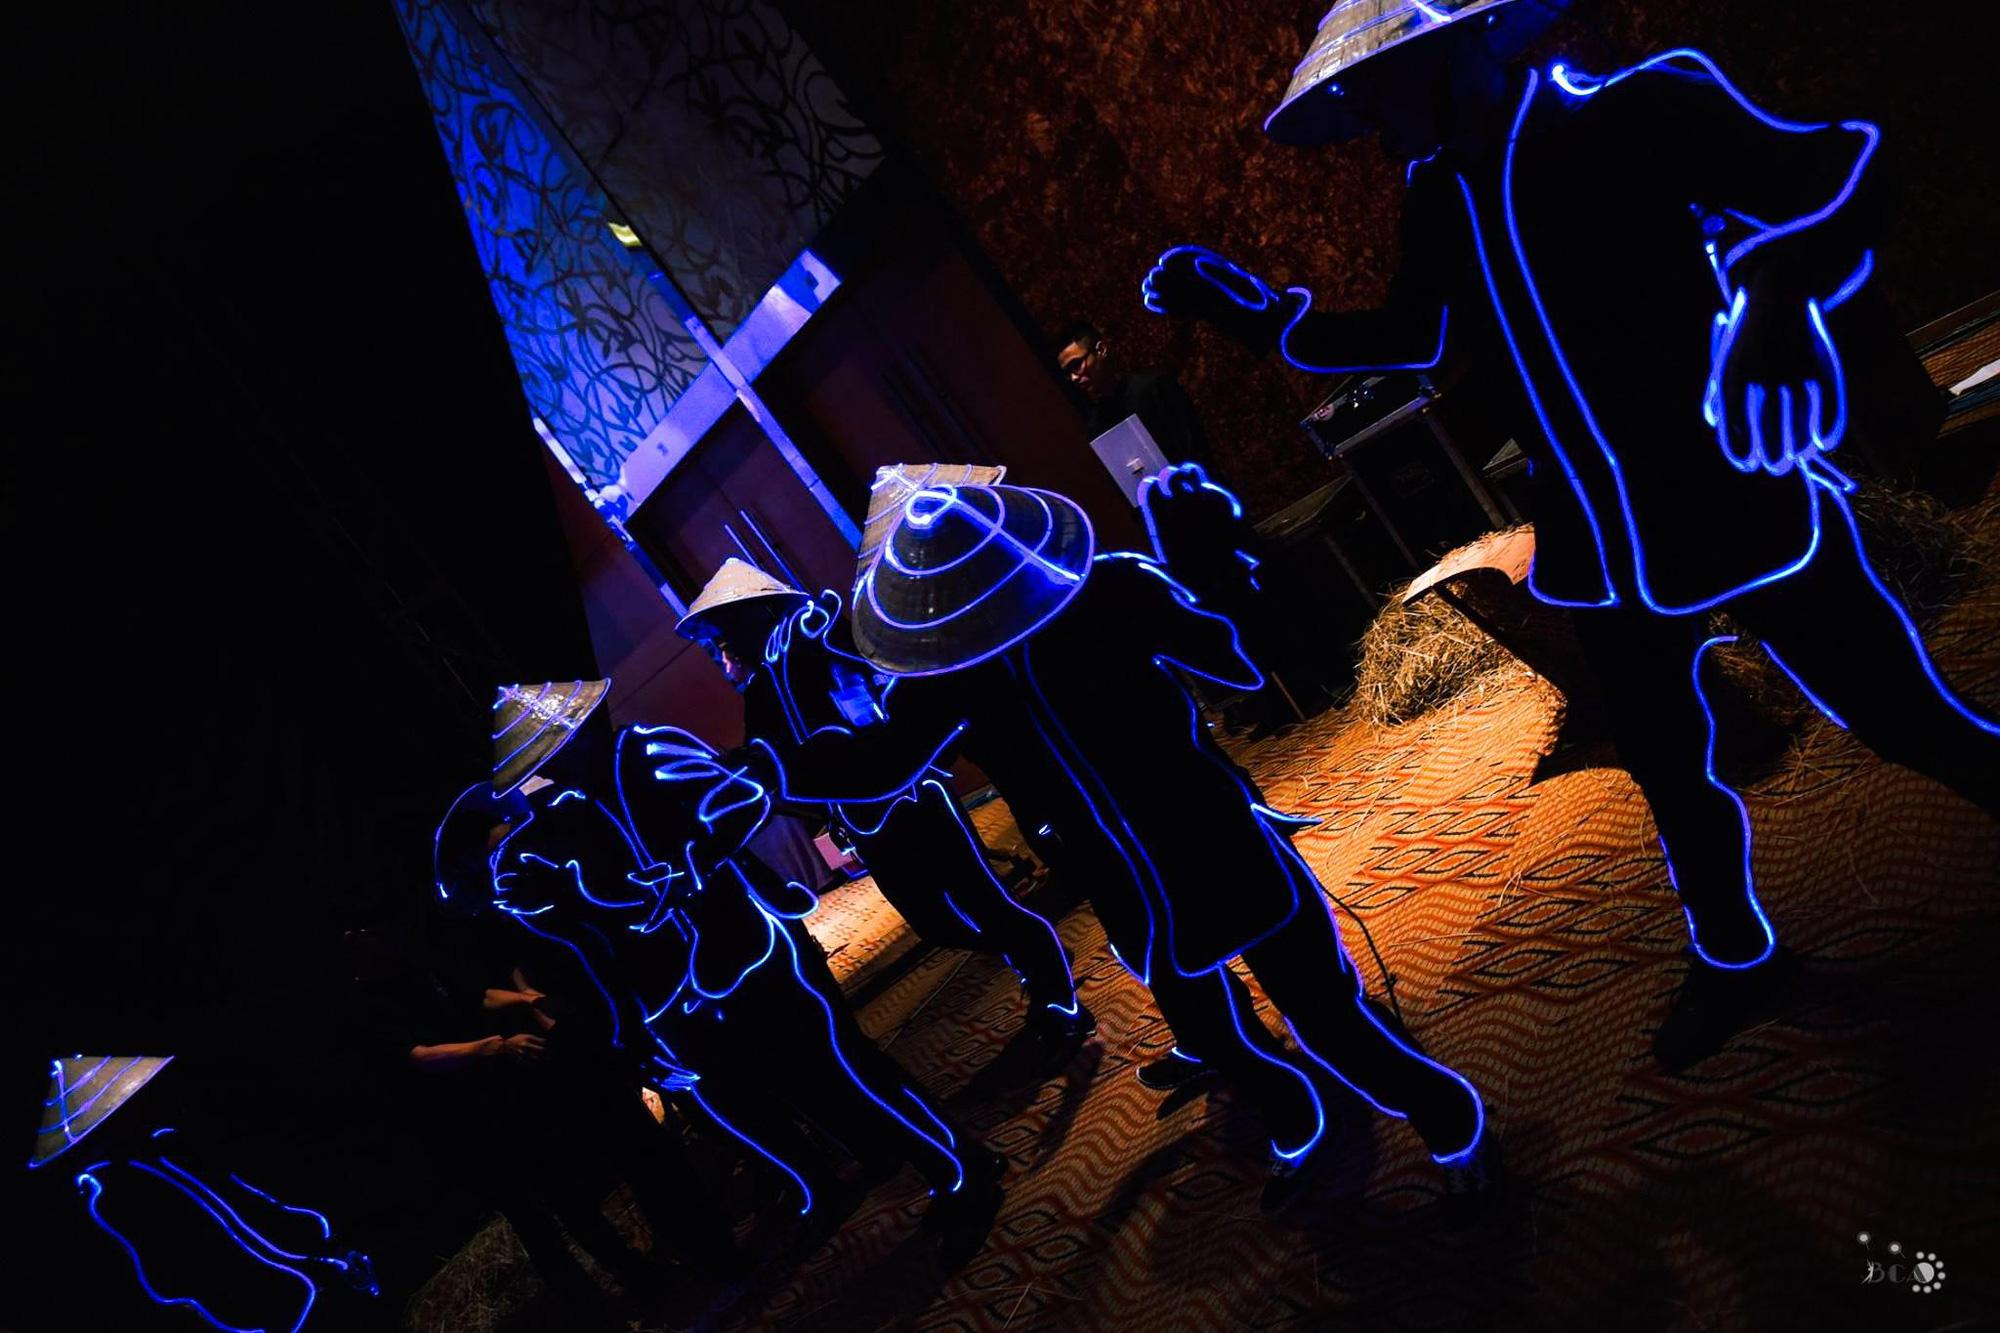 Mọt phim Netlix sẽ như được sống lại với bộ phim Phi Vụ Triệu Đô khi xem phiên bản dance cực xịn đến từ BCA Dance Group - Ảnh 11.